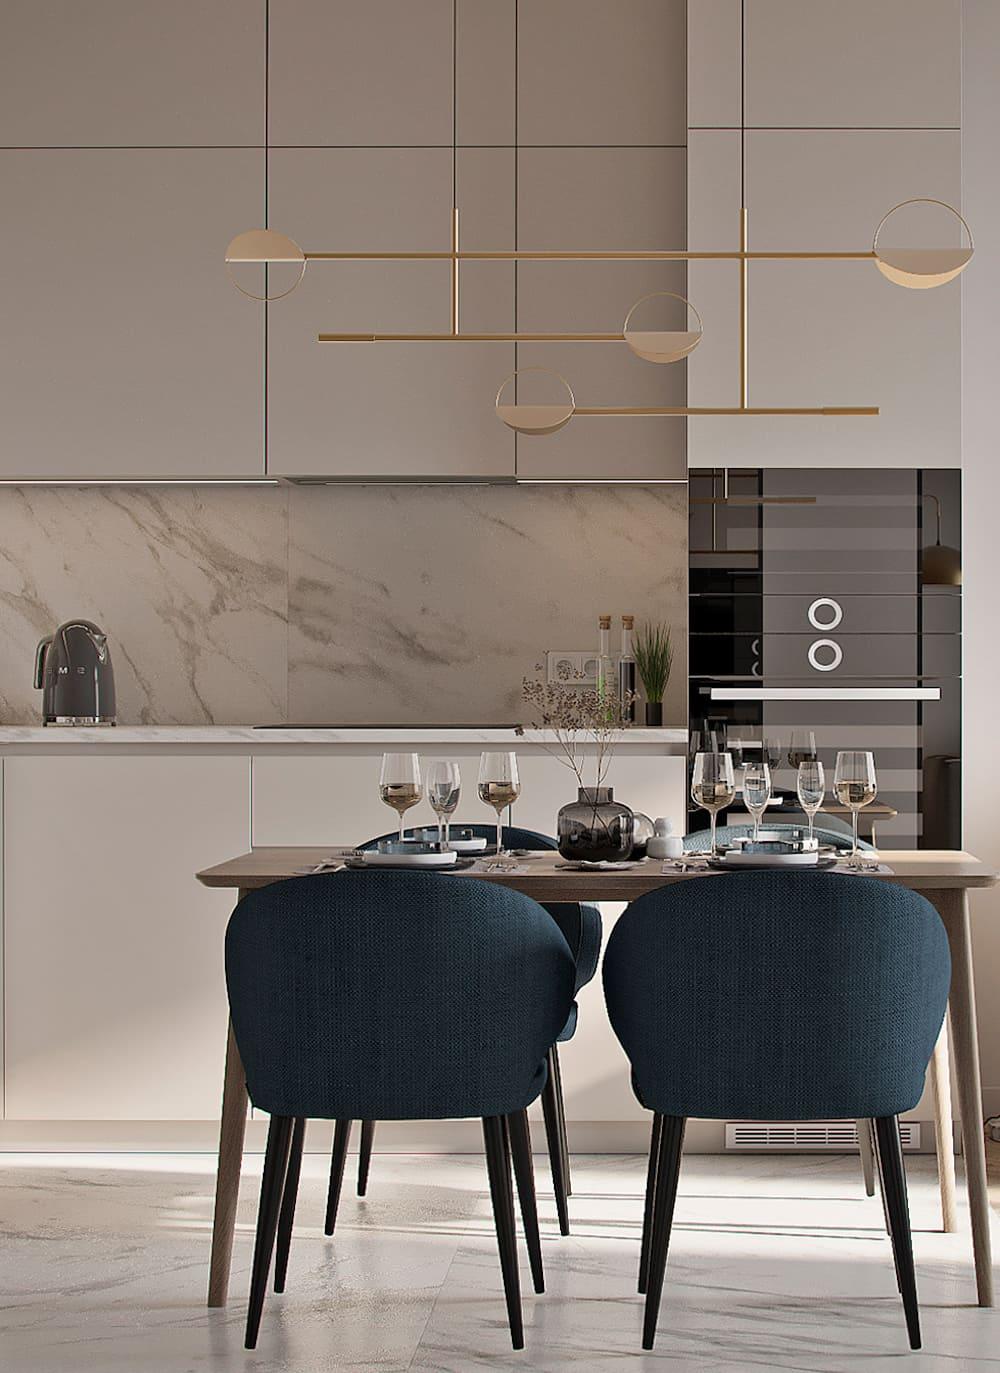 дизайн кухни в современном стиле фото 14